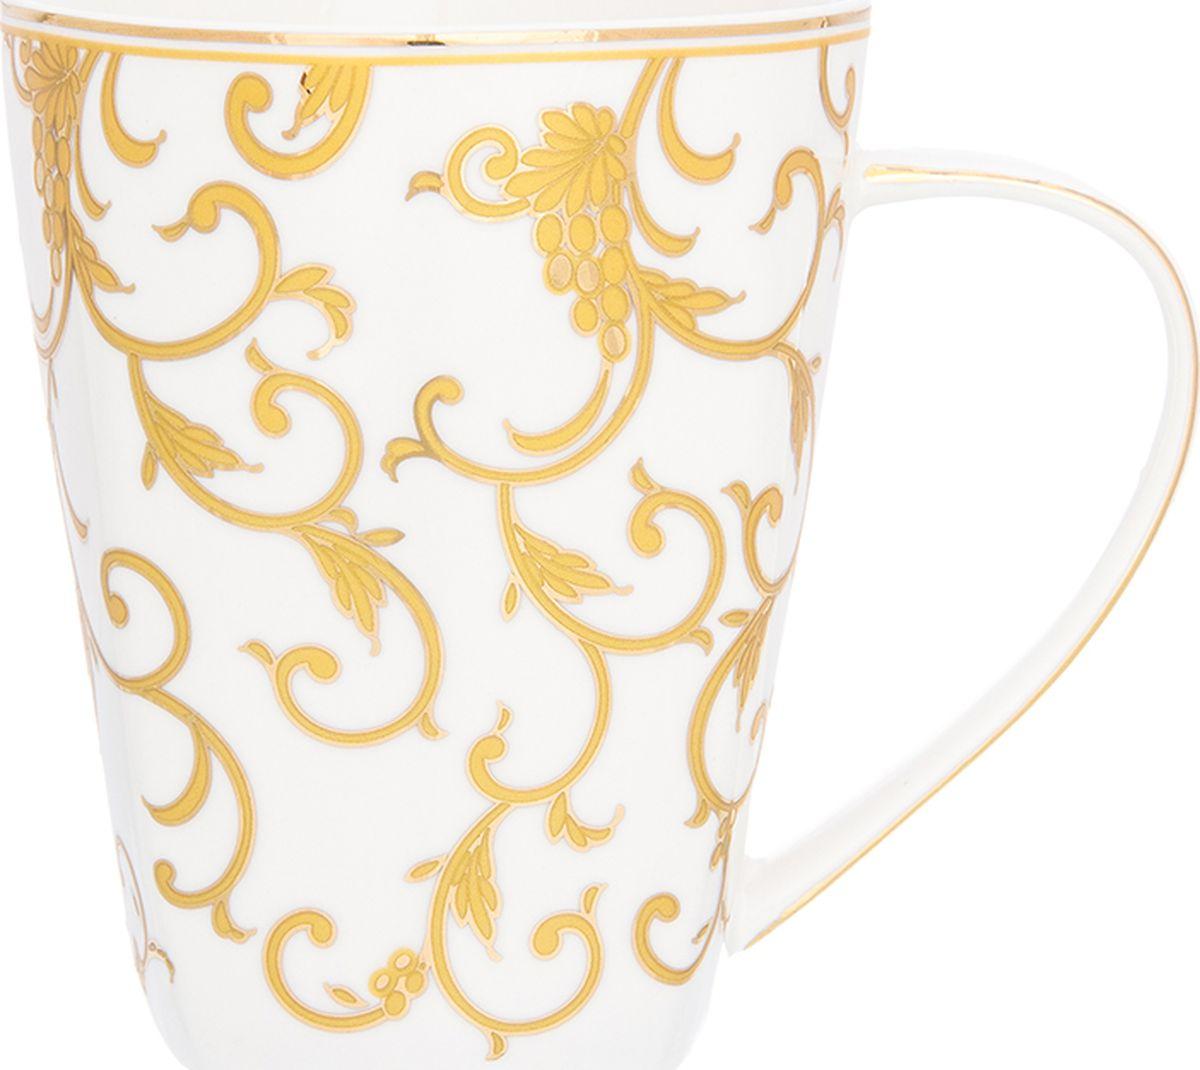 Кружка Elan Gallery Королевский узор, высокая, 420 мл. 504135504135Кружка объемом 420 мл в подарочной упаковке станет прекрасным подарком и послужит верой и правдой в повседневной жизни. Подходят для любых горячих и холодных напитков, чая, кофе, какао.